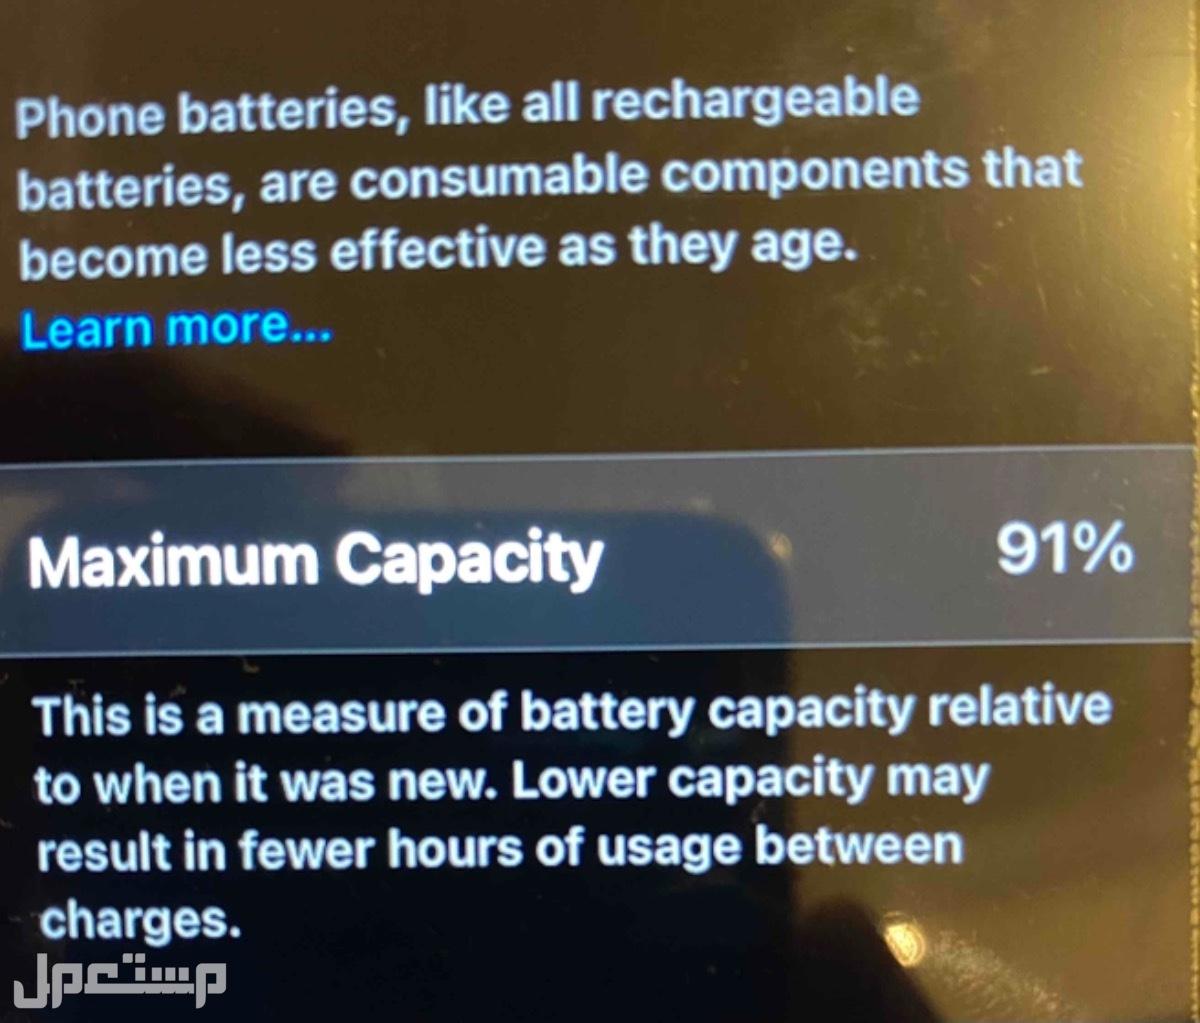 ايفون 7 العادي مساحة128 iphone 7 matte blackfor sale GB نسبة البطارية ممتازة جداً ويدل ذلك على عدم استخدامي للجوال الا فترة قصيرة